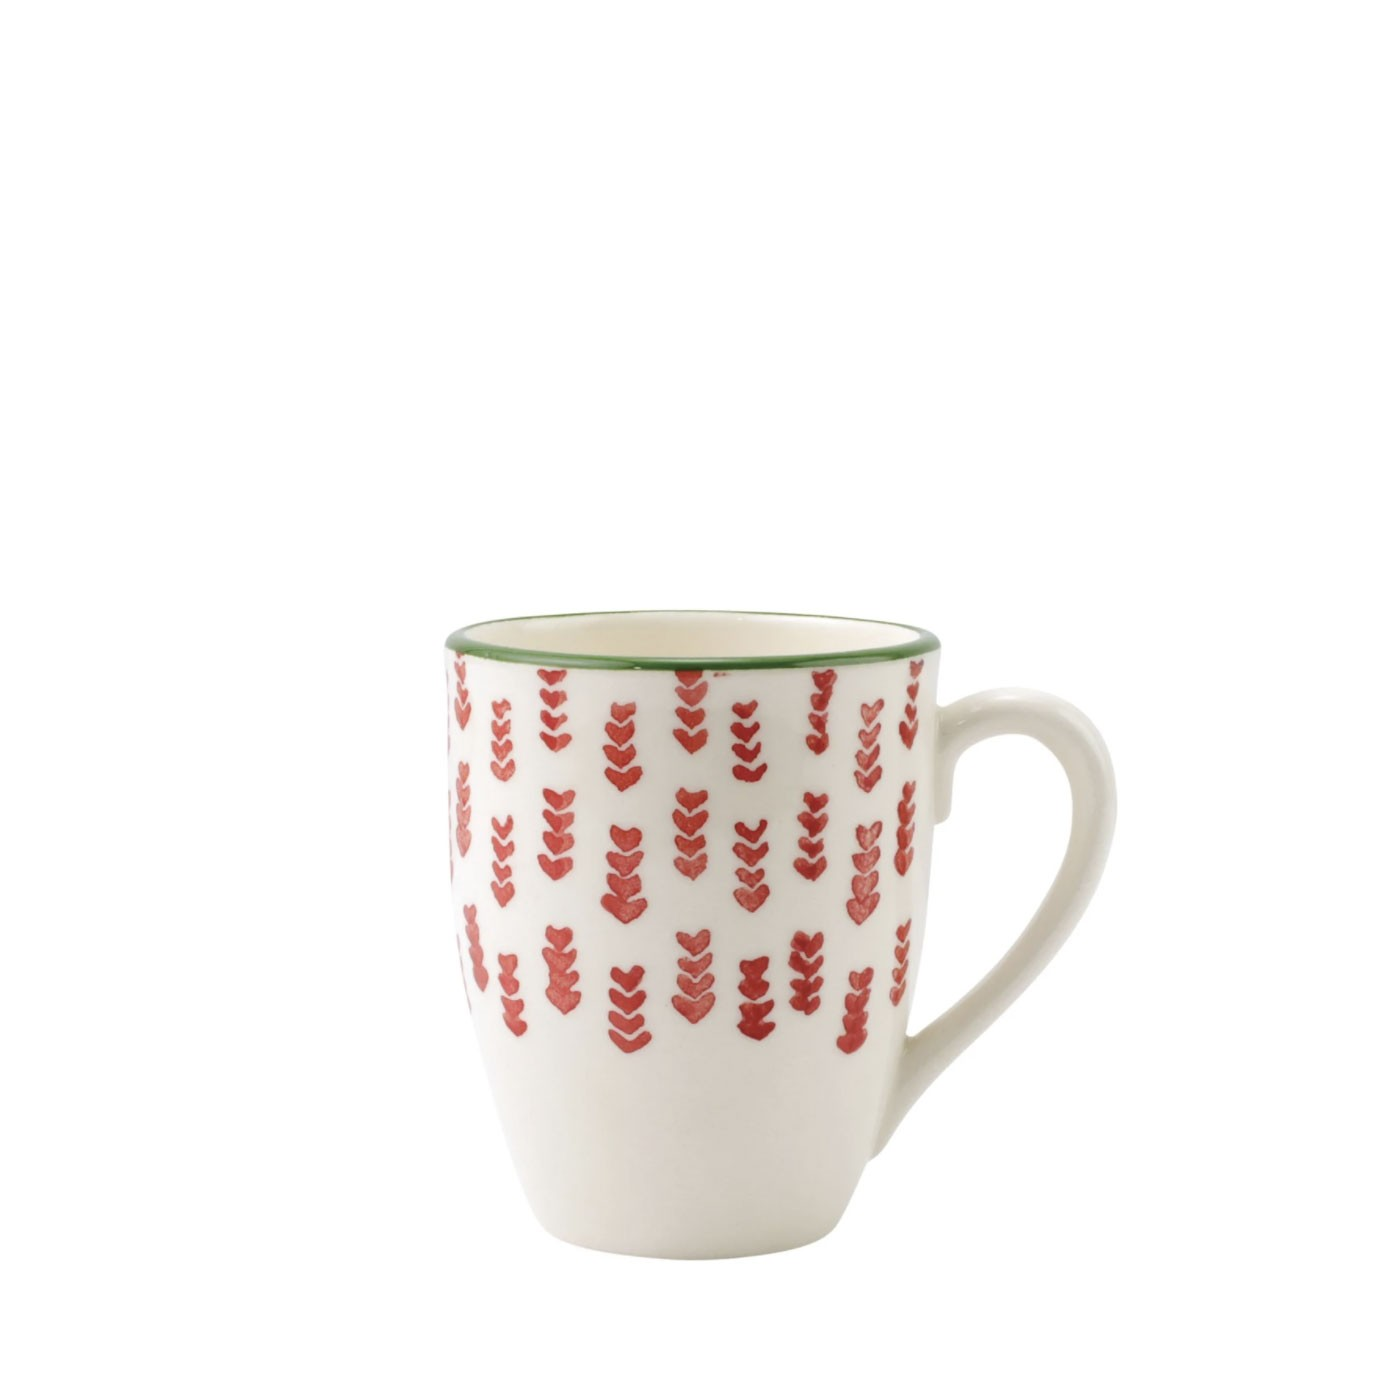 Mistletoe Arrow Mug